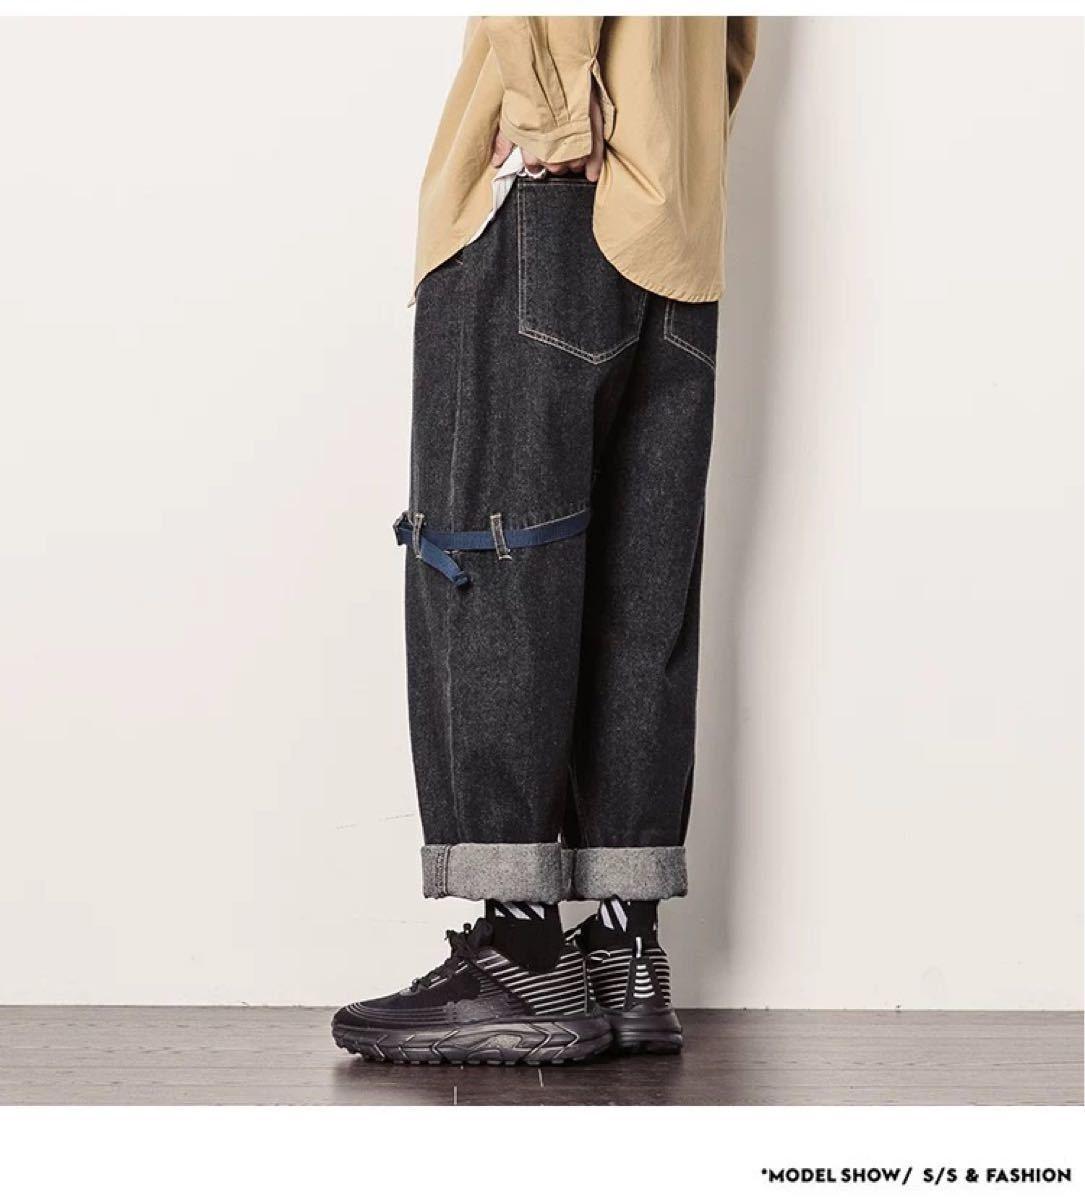 デニム ワイドパンツ ジーンズ ボトムス ストレート パンツ 色サイズ選べます